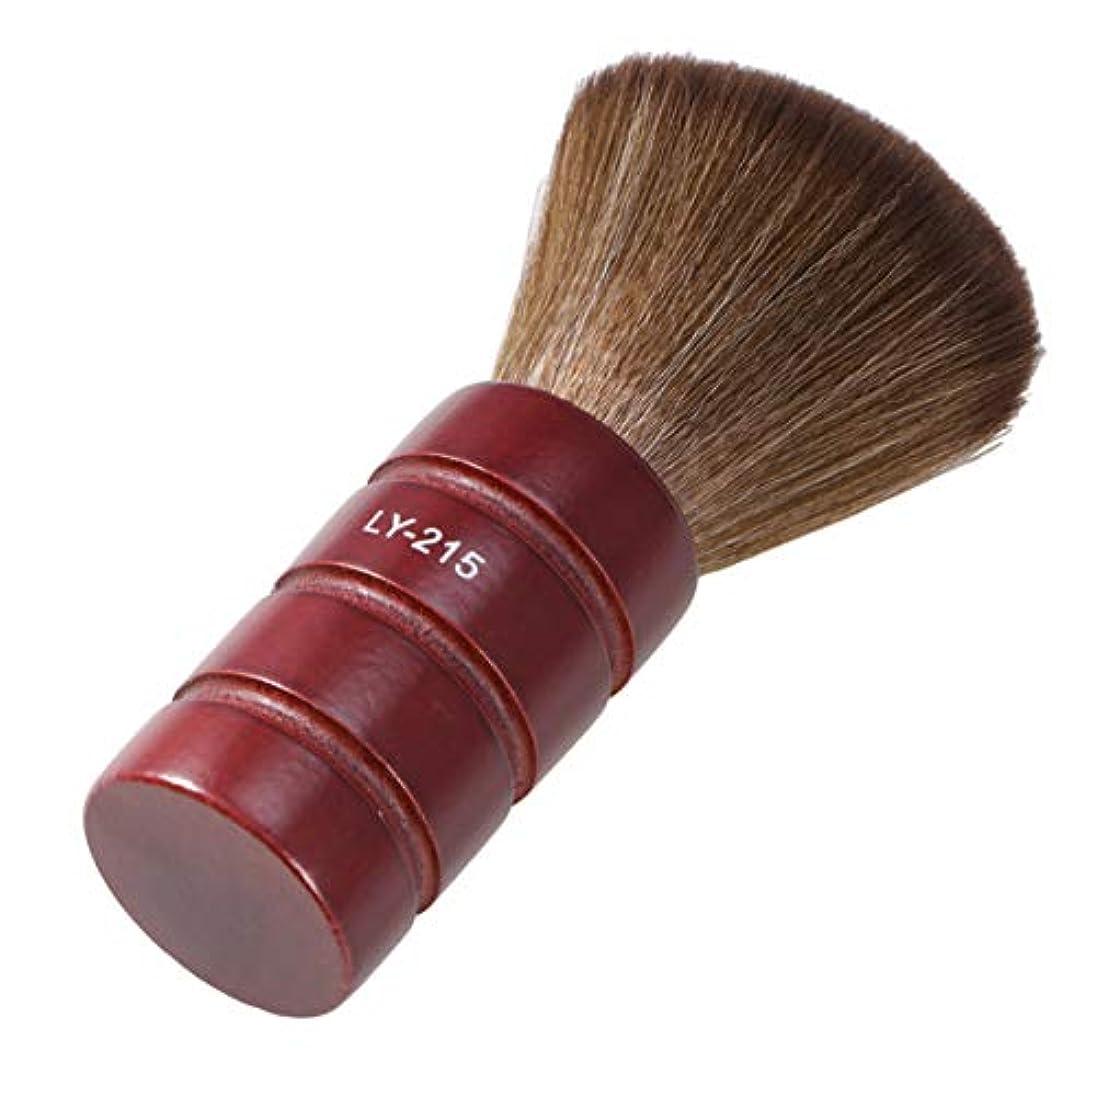 ブローホール裁定ラフトLurroseプロフェッショナルヘアカットブラシソフトファイバーフェイスネックダスターブラシ理髪サロン理容ツール